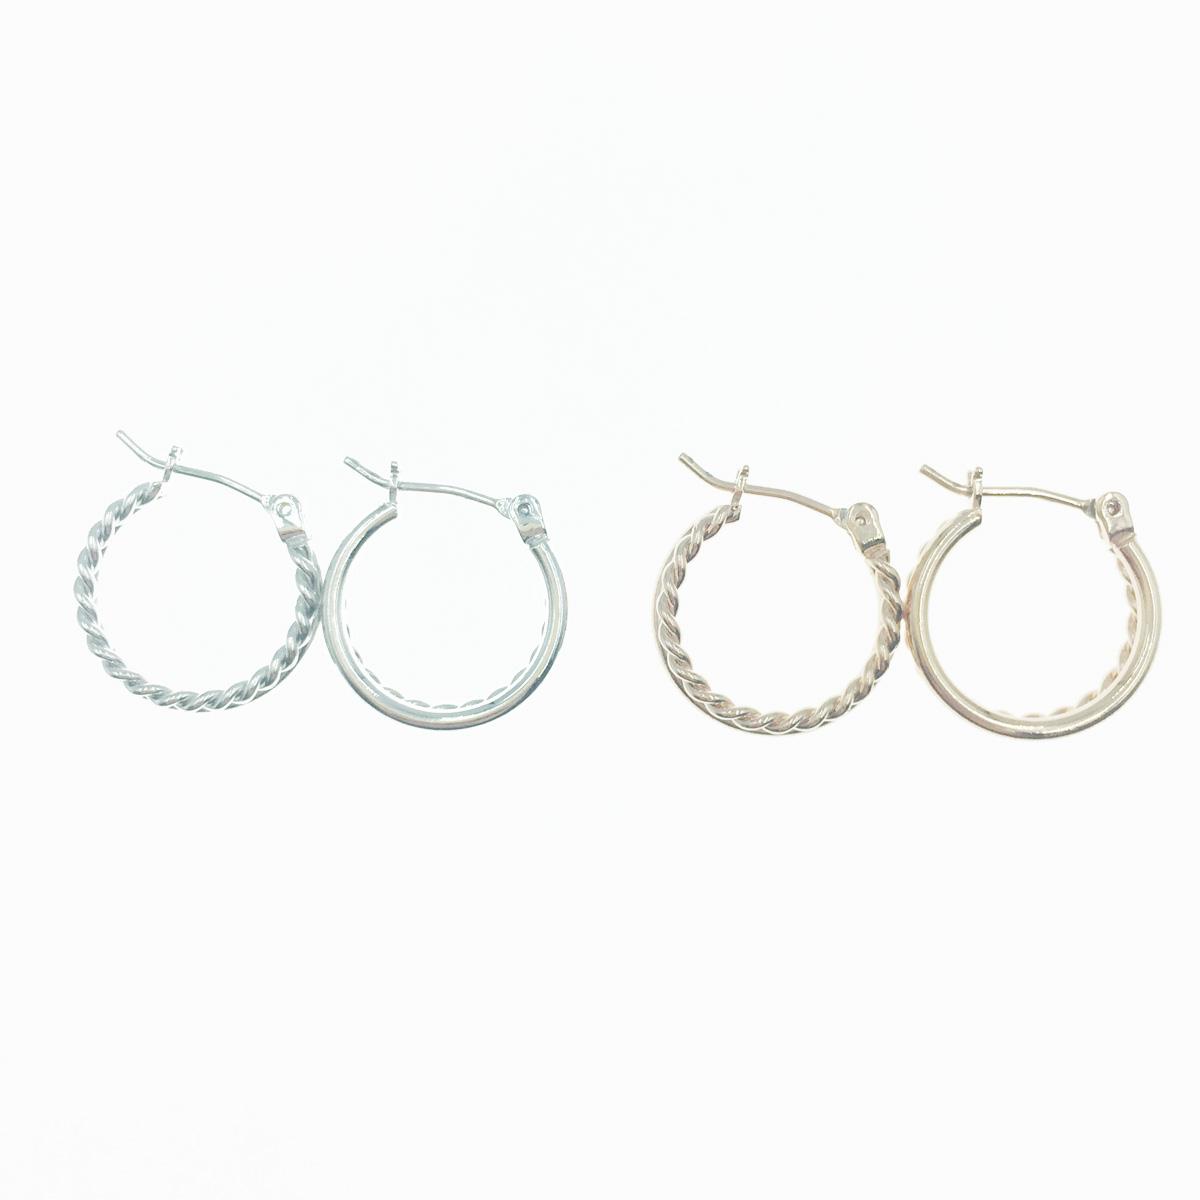 韓國 925純銀 螺旋雙環圈 圓圈 圈圈 簡約款 2色 耳針式耳環